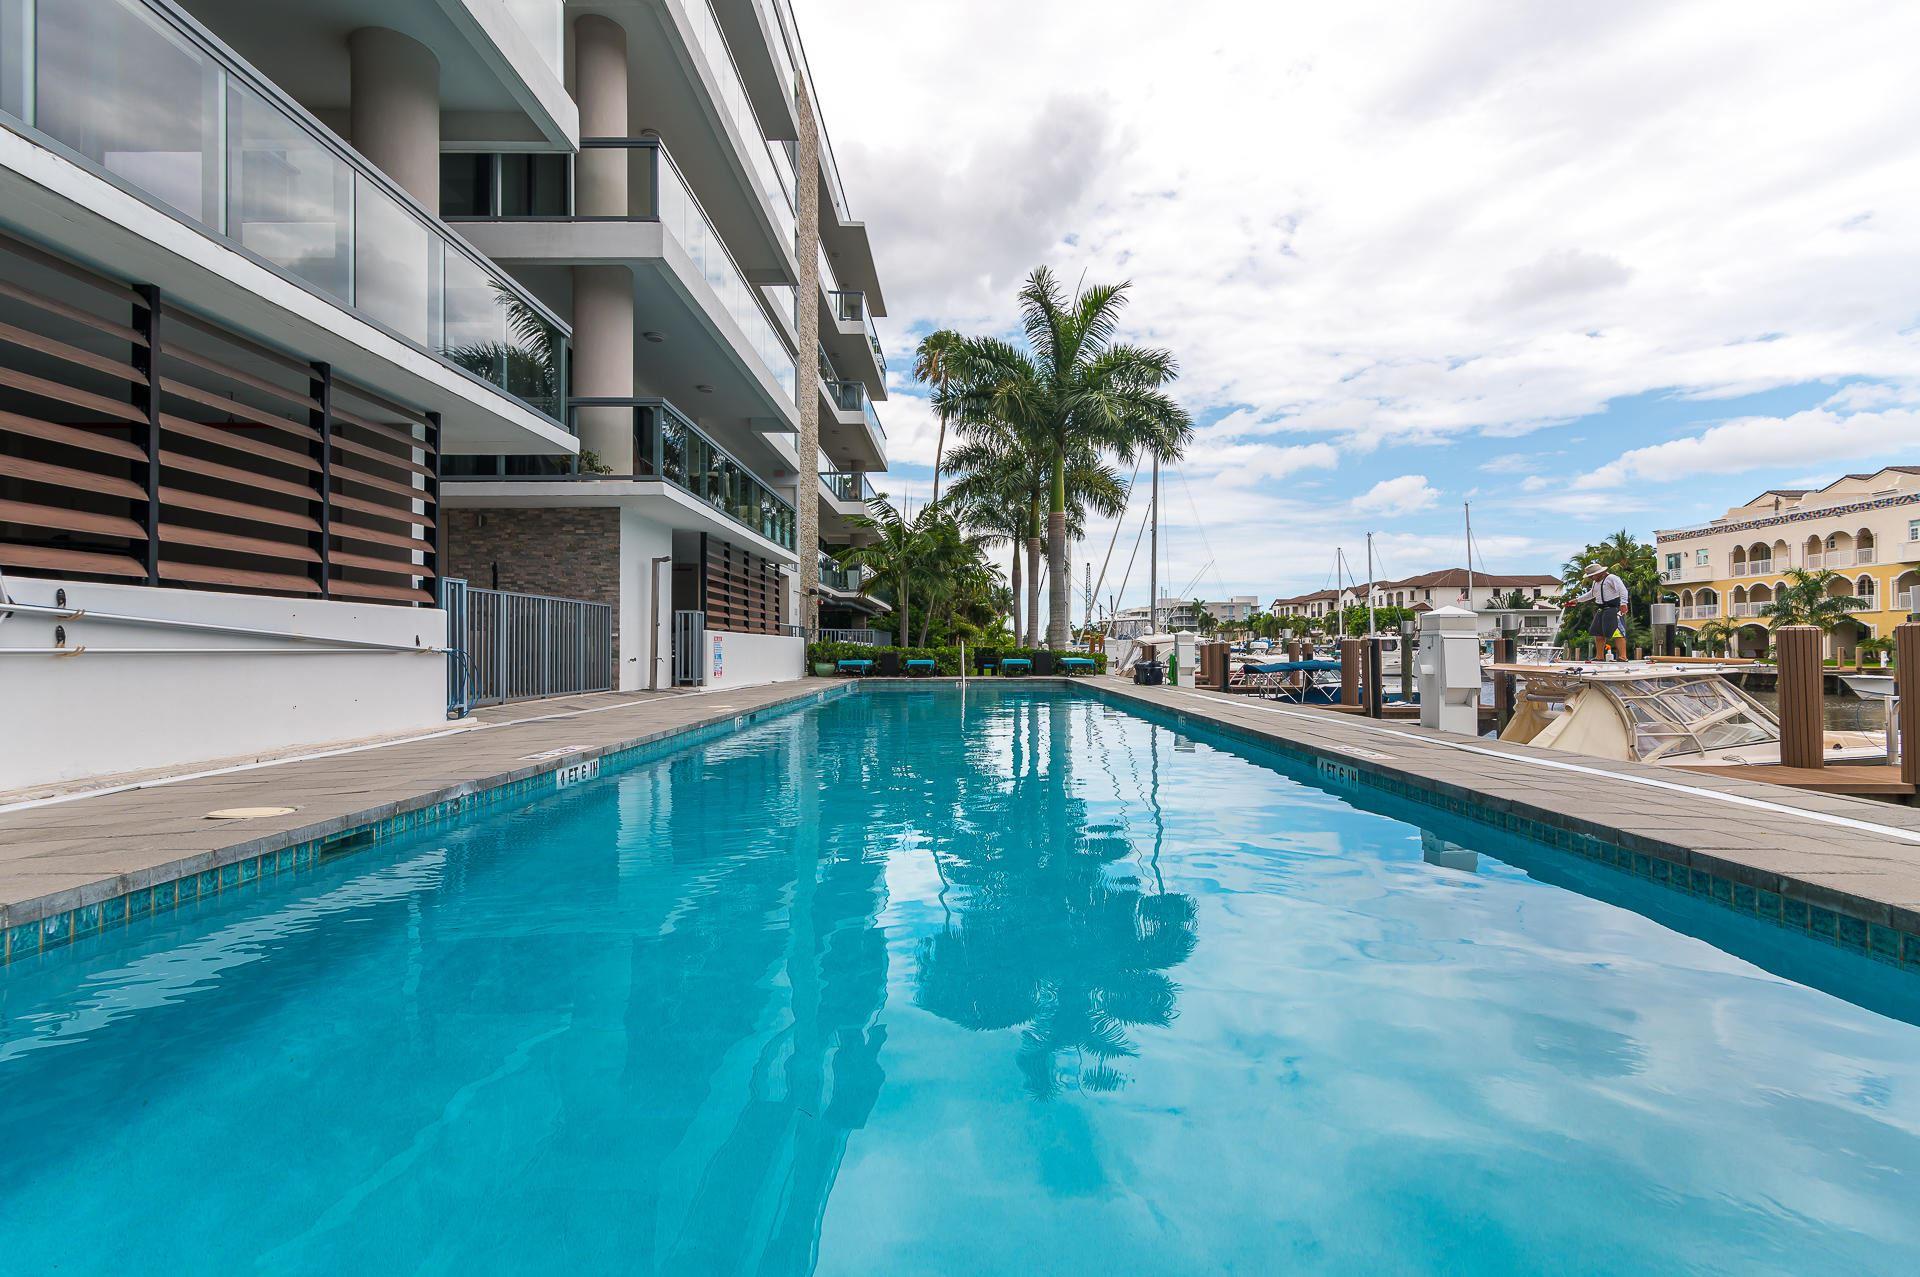 80 Hendricks Isle #402, Fort Lauderdale, FL 33301 - #: RX-10632408